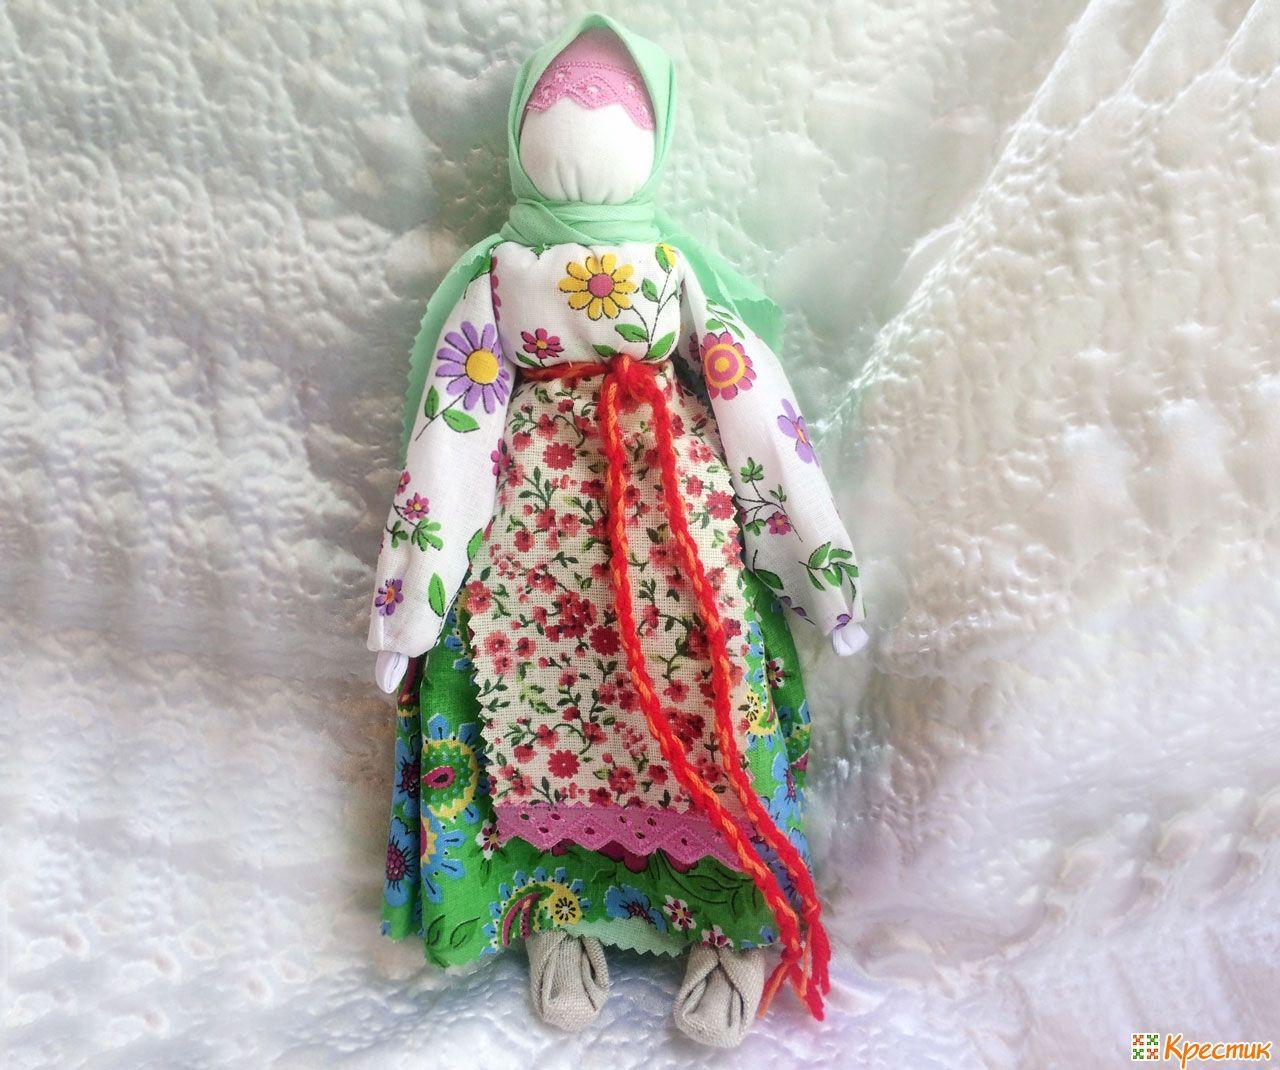 Куклы обереги своими руками из ткани значение фото 728